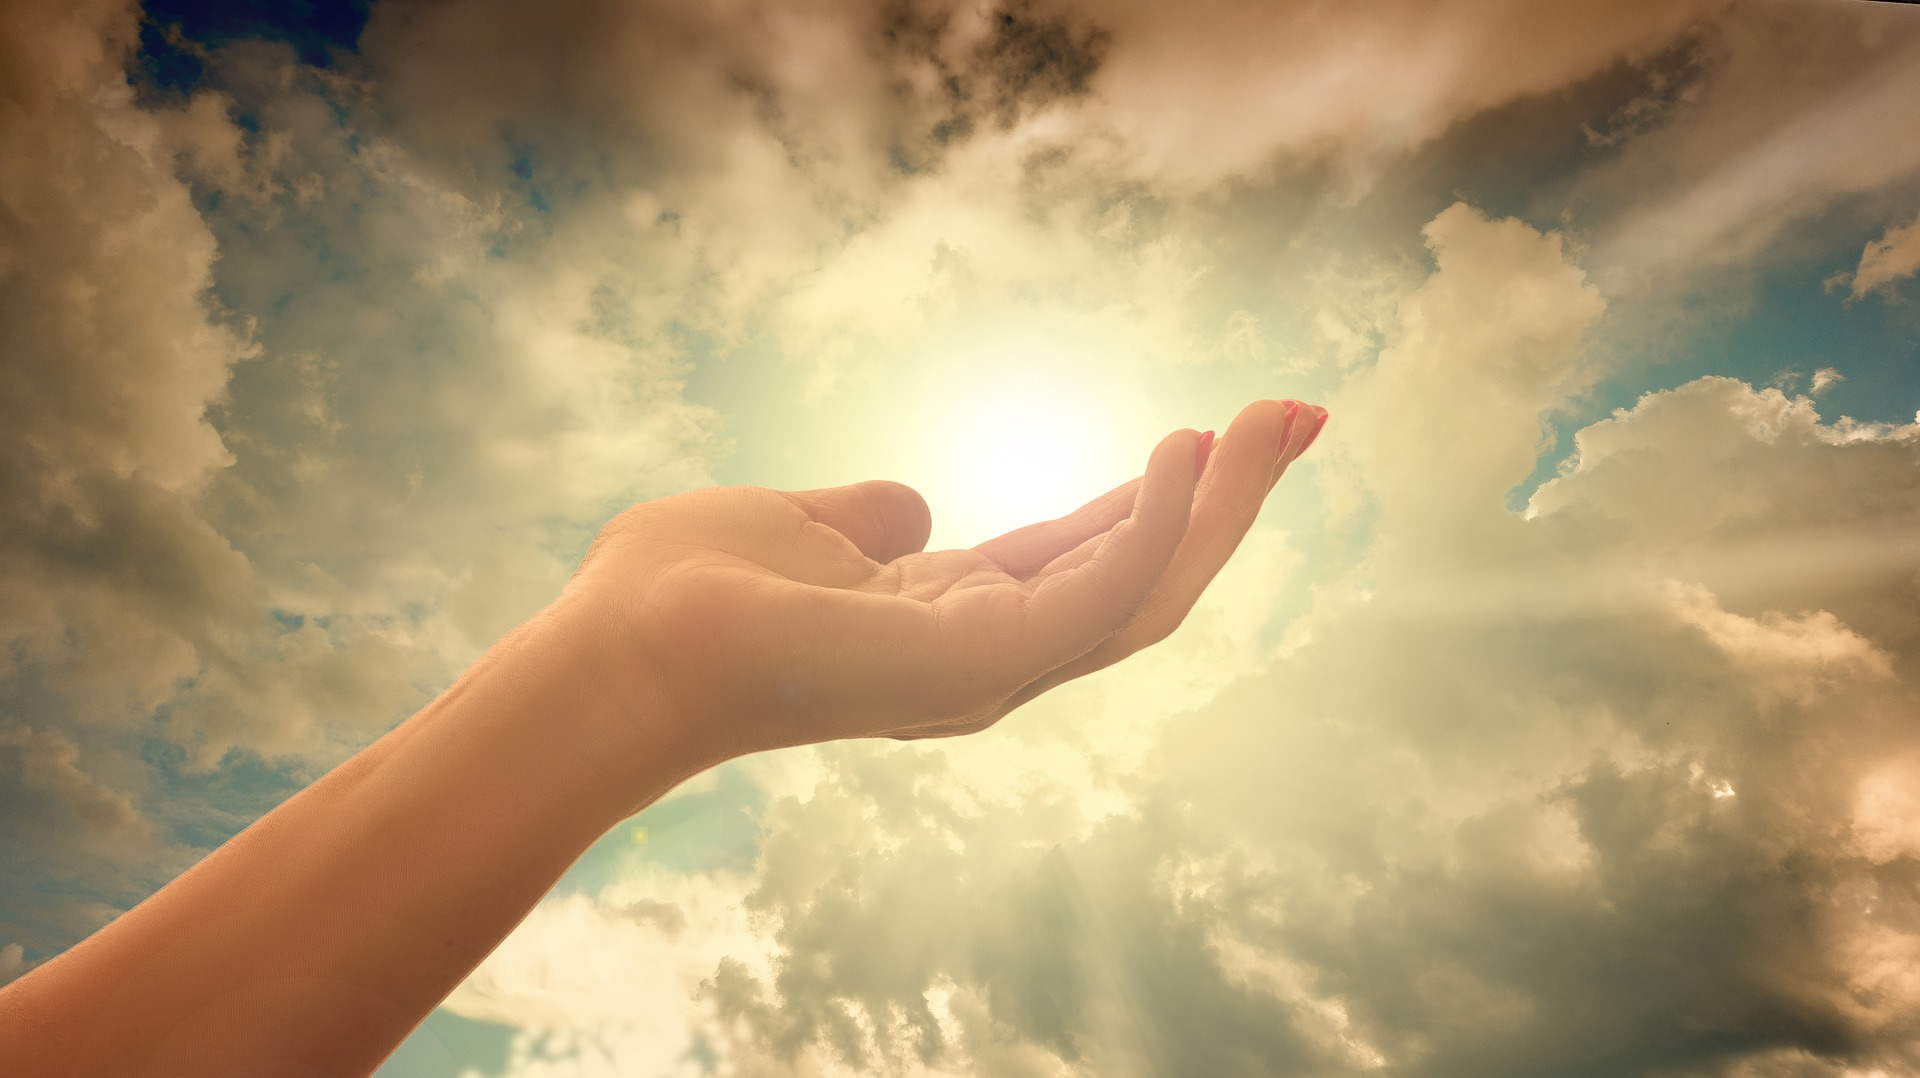 La fe, la cordura y la consciencia, conceptos inseparables